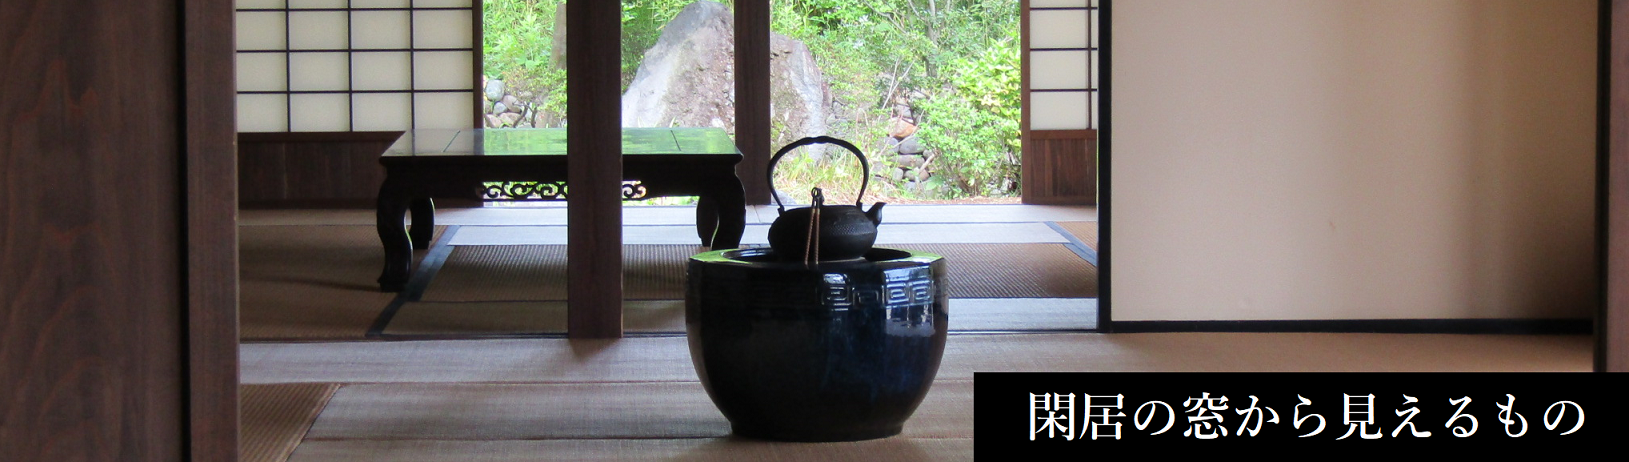 閑居の窓から見えるもの